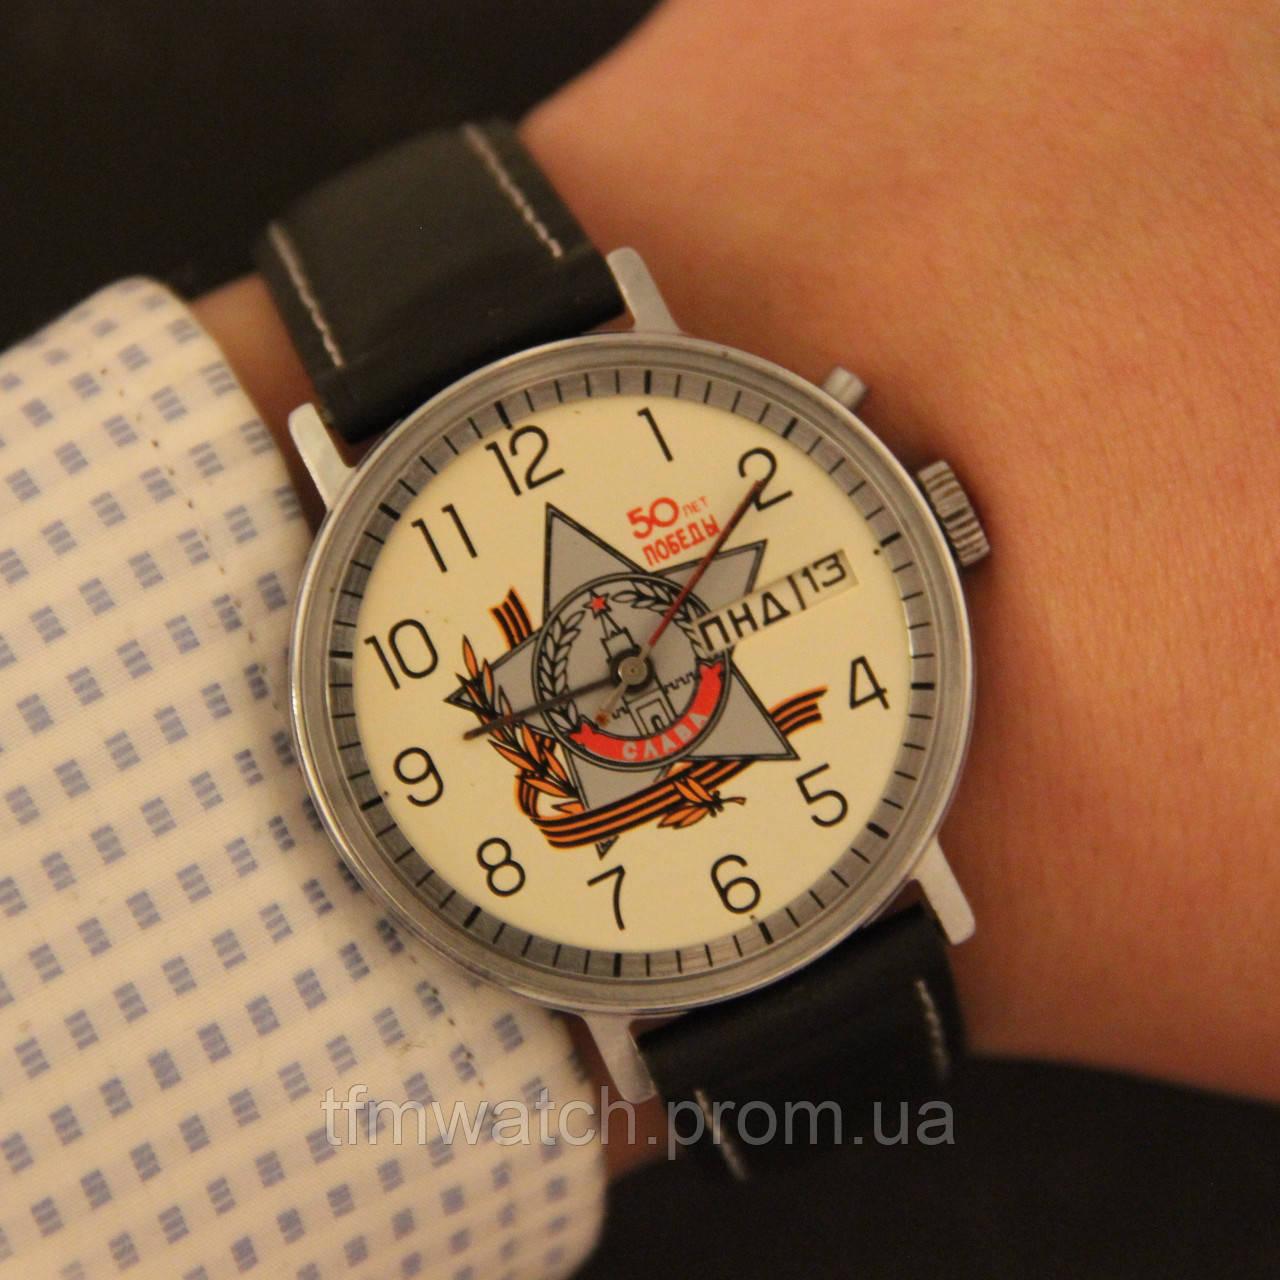 d0461fd4 Слава 50 лет Победы наручные механические часы - Магазин старинных,  винтажных и антикварных часов TFMwatch